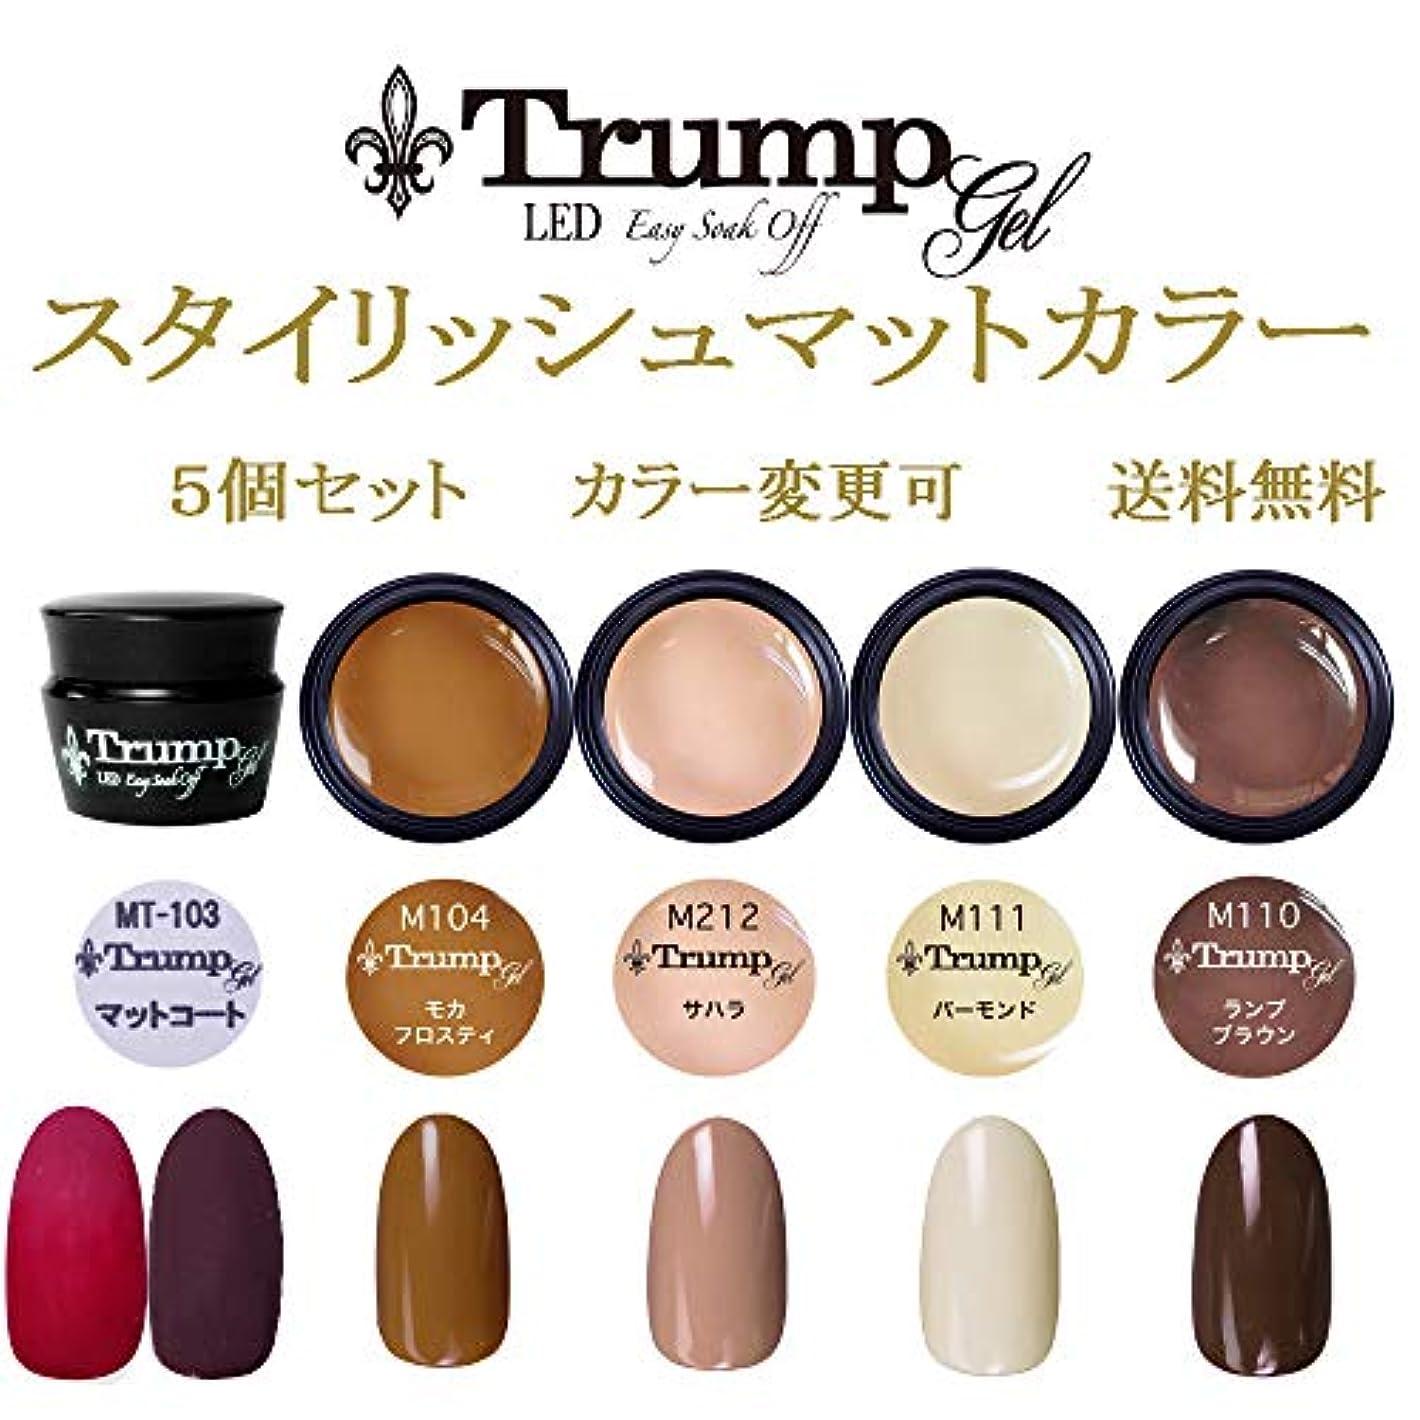 工業用カリキュラム活性化する【送料無料】日本製 Trump gel トランプジェル スタイリッシュマットカラージェル5個セット 5個セット マットカラー ベージュ ブラウン マスタード カラー